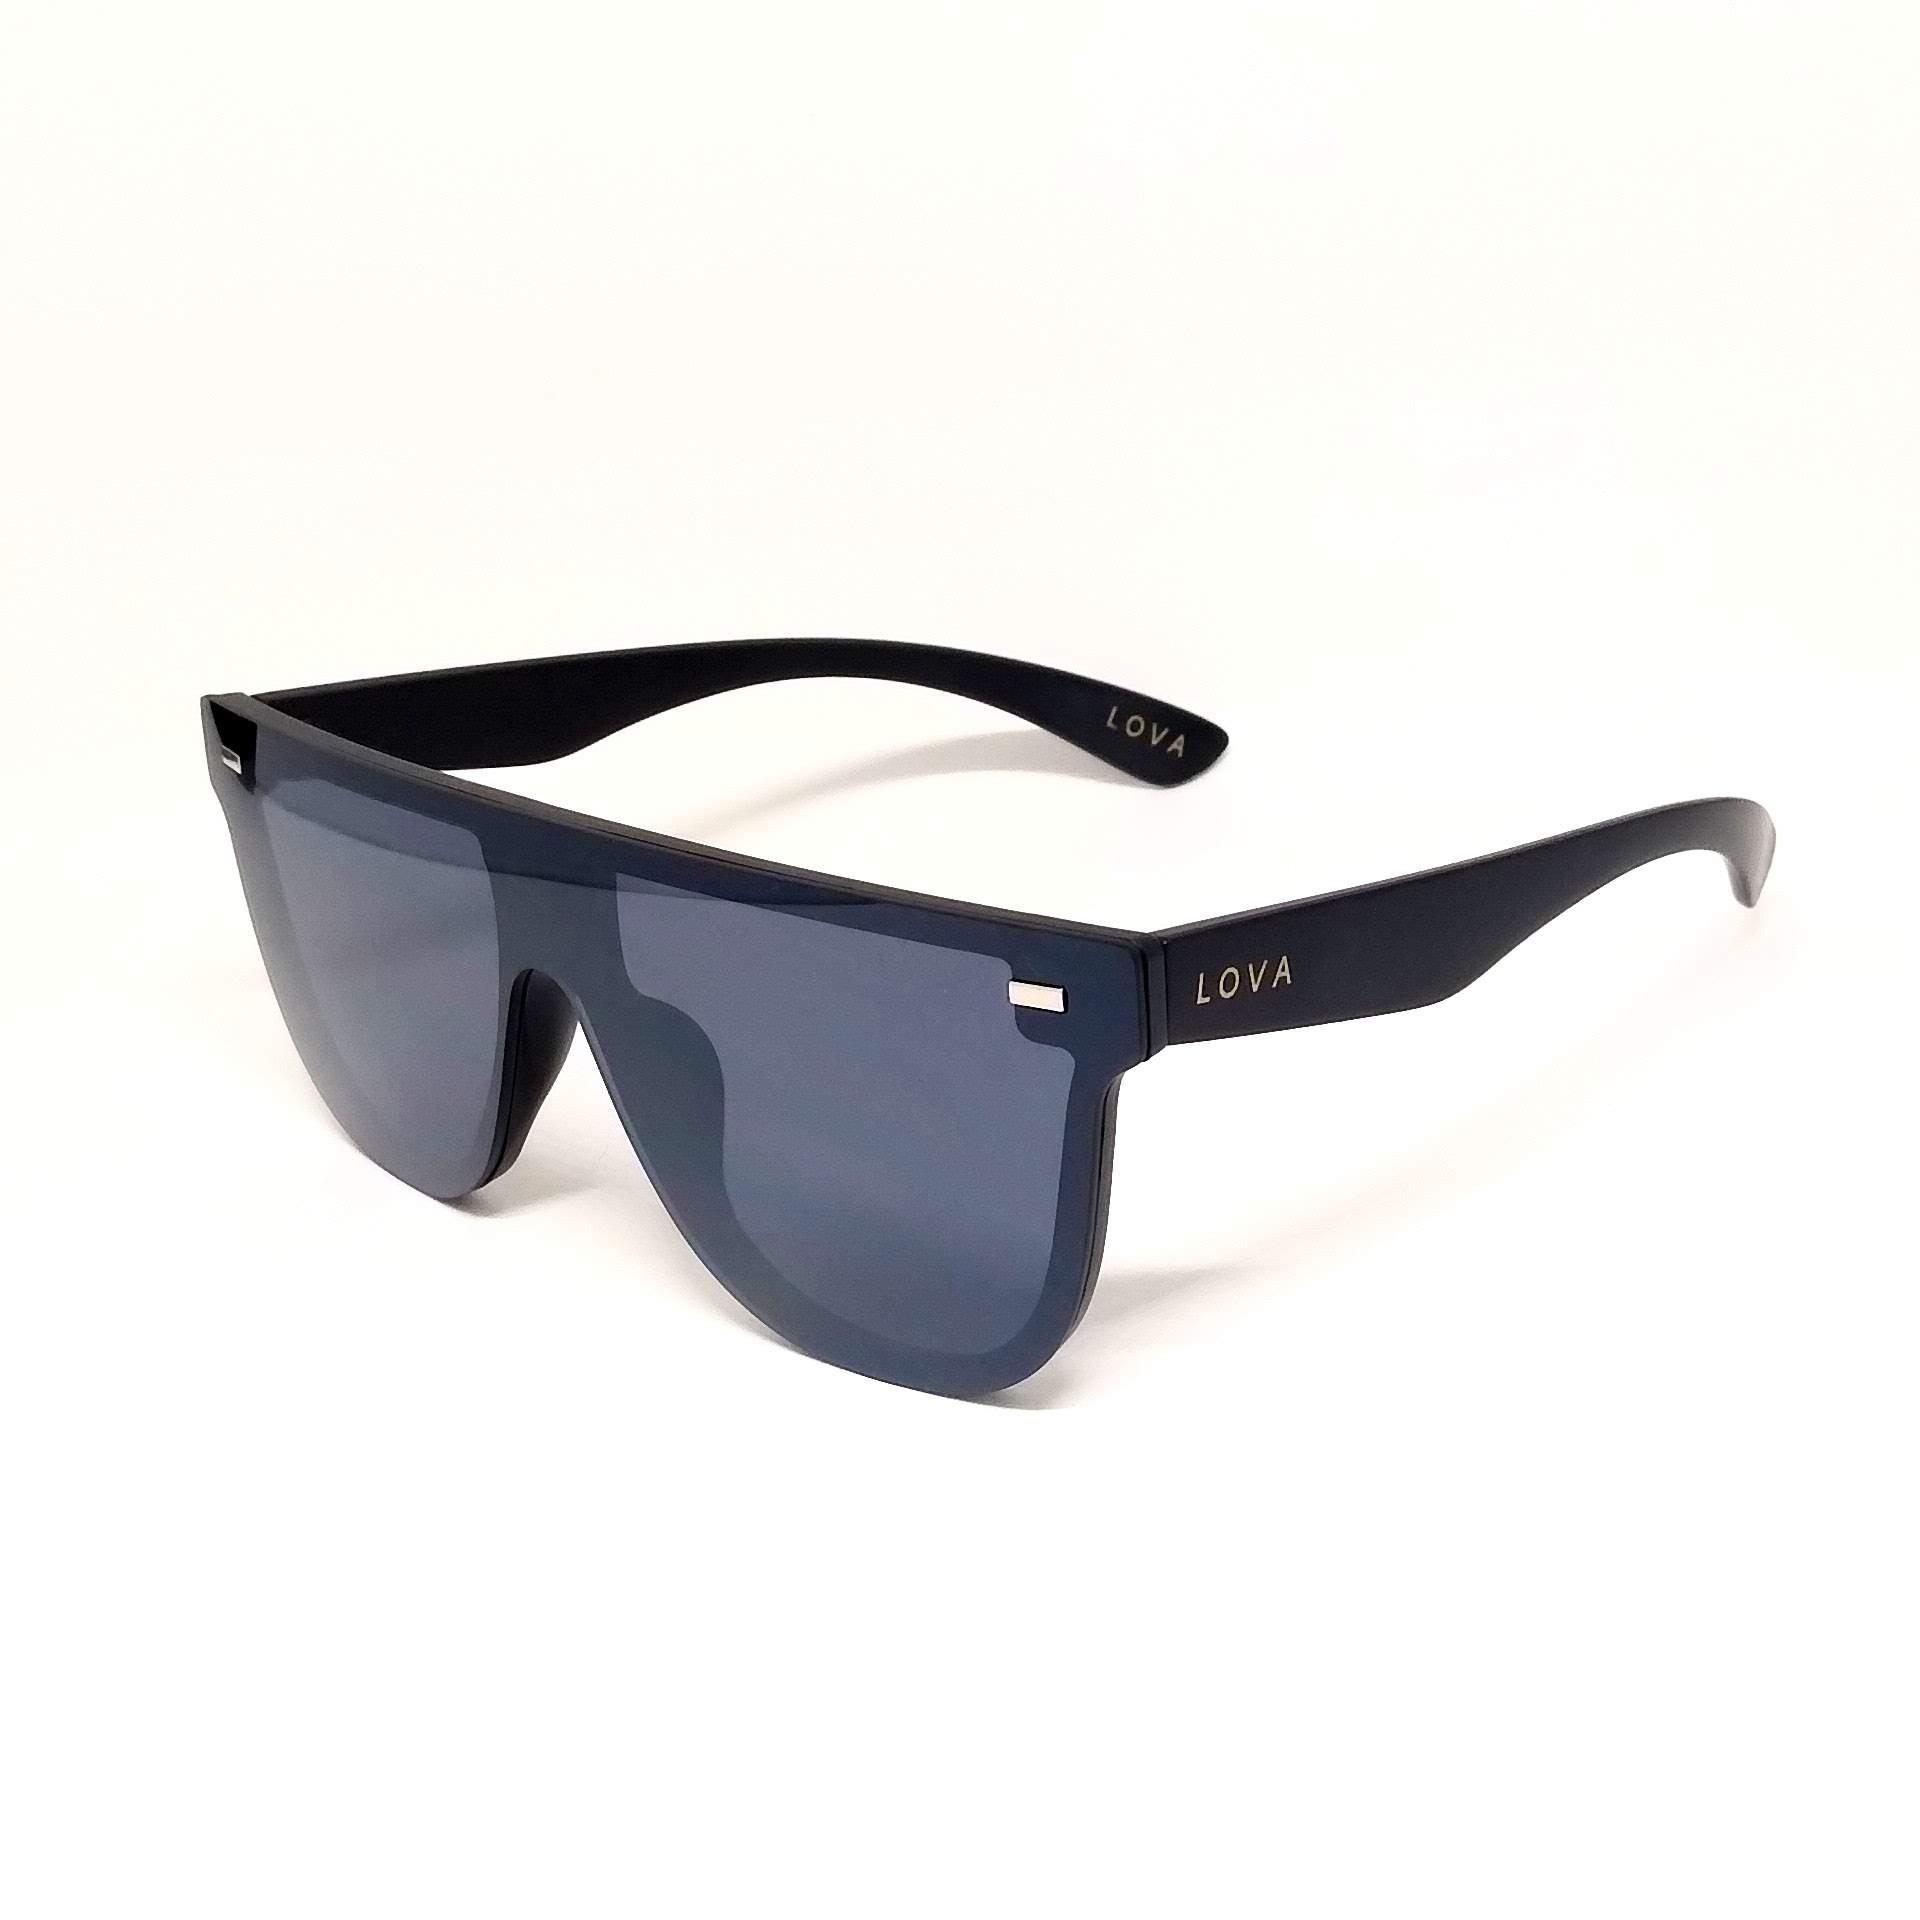 Óculos De Sol Máscara Lova Jordan Preto Luxo Espelhado